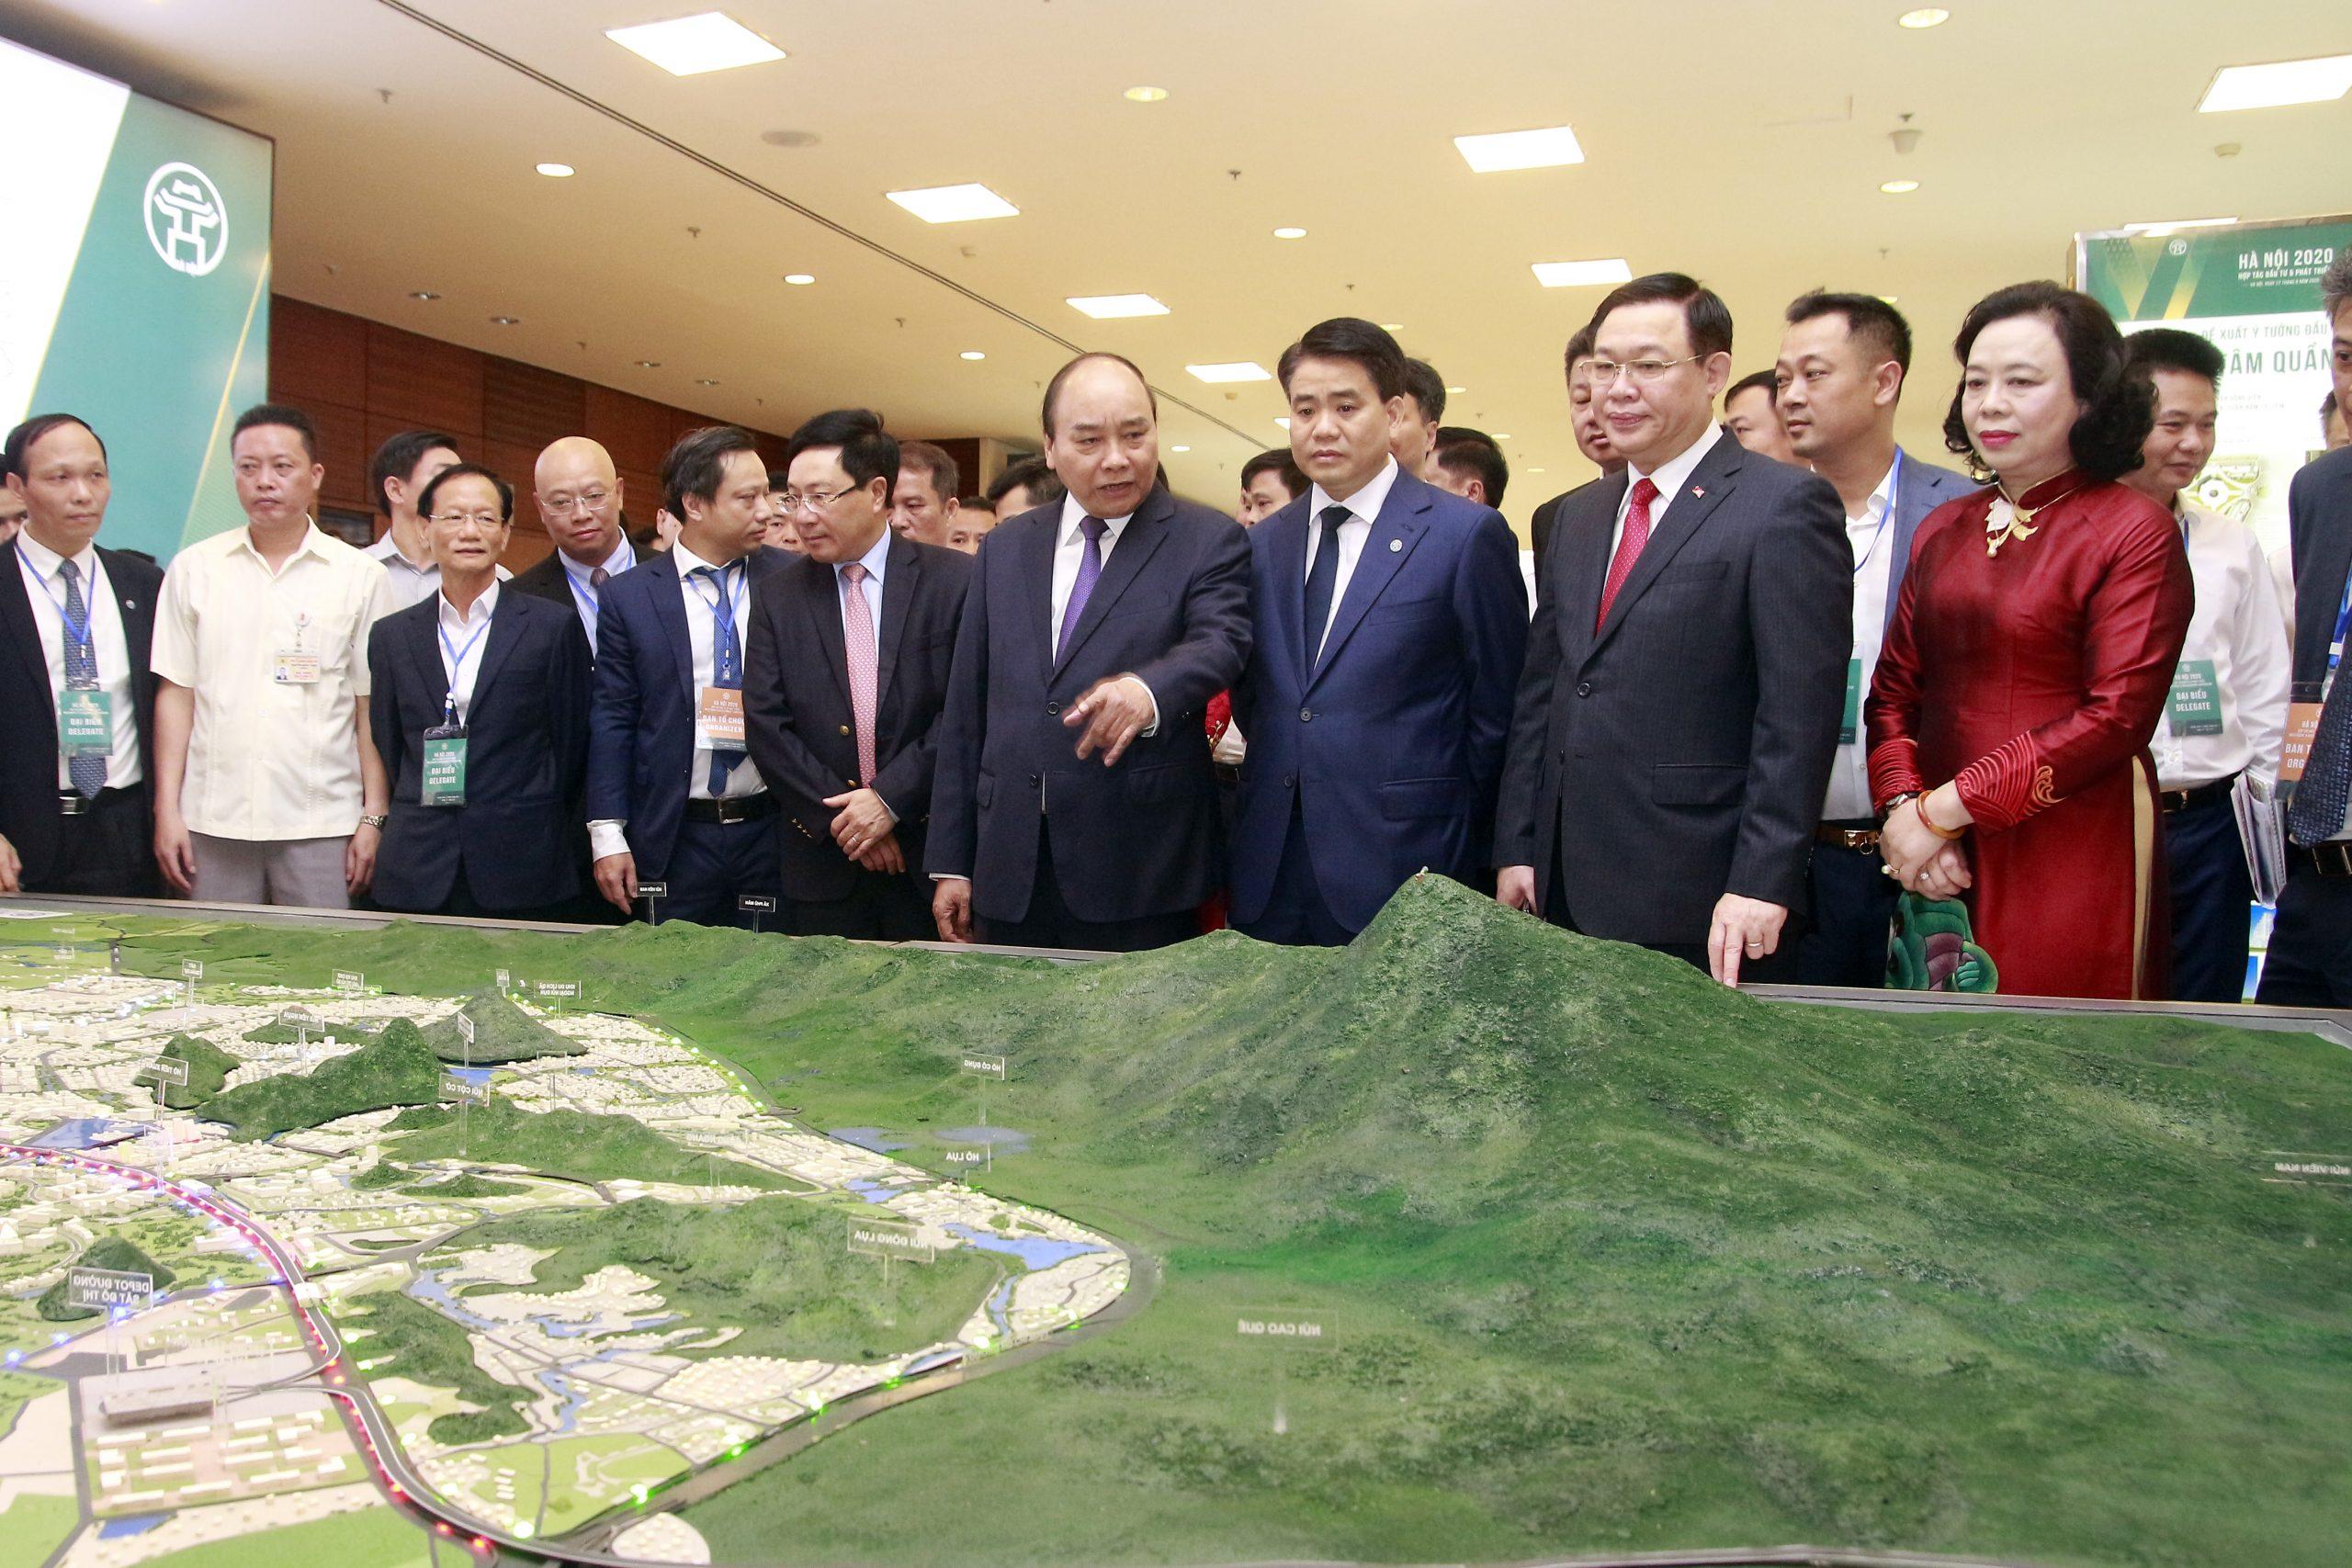 Tân Á Đại Thành vinh dự được nhận Cờ thi đua của Thủ tướng Chính phủ 1